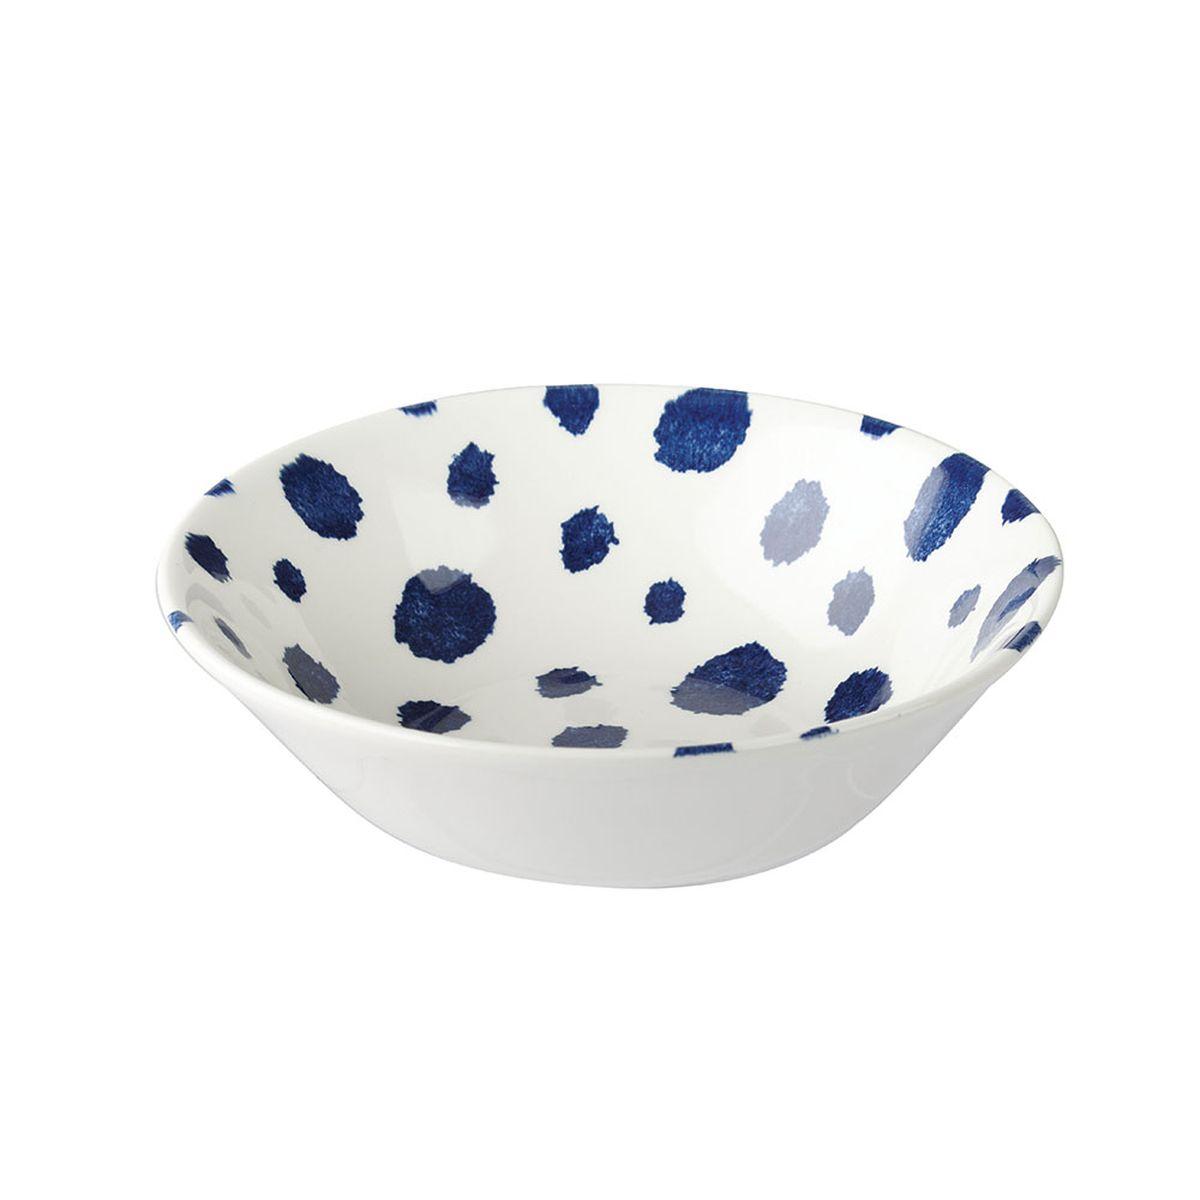 Тарелка суповая Churchill Инки, диаметр 15,5 см115510Суповая тарелка Churchill Инки выполнена из высококачественного фаянса. Изделие сочетает в себе изысканный дизайн с максимальной функциональностью. Тарелка прекрасно впишется в интерьер вашей кухни и станет достойным дополнением к кухонному инвентарю. Суповая тарелка Churchill Инки подчеркнет прекрасный вкус хозяйки и станет отличным подарком.Можно мыть в посудомоечной машине и использовать в микроволновой печи.Диаметр тарелки (по верхнему краю): 15,5 см.